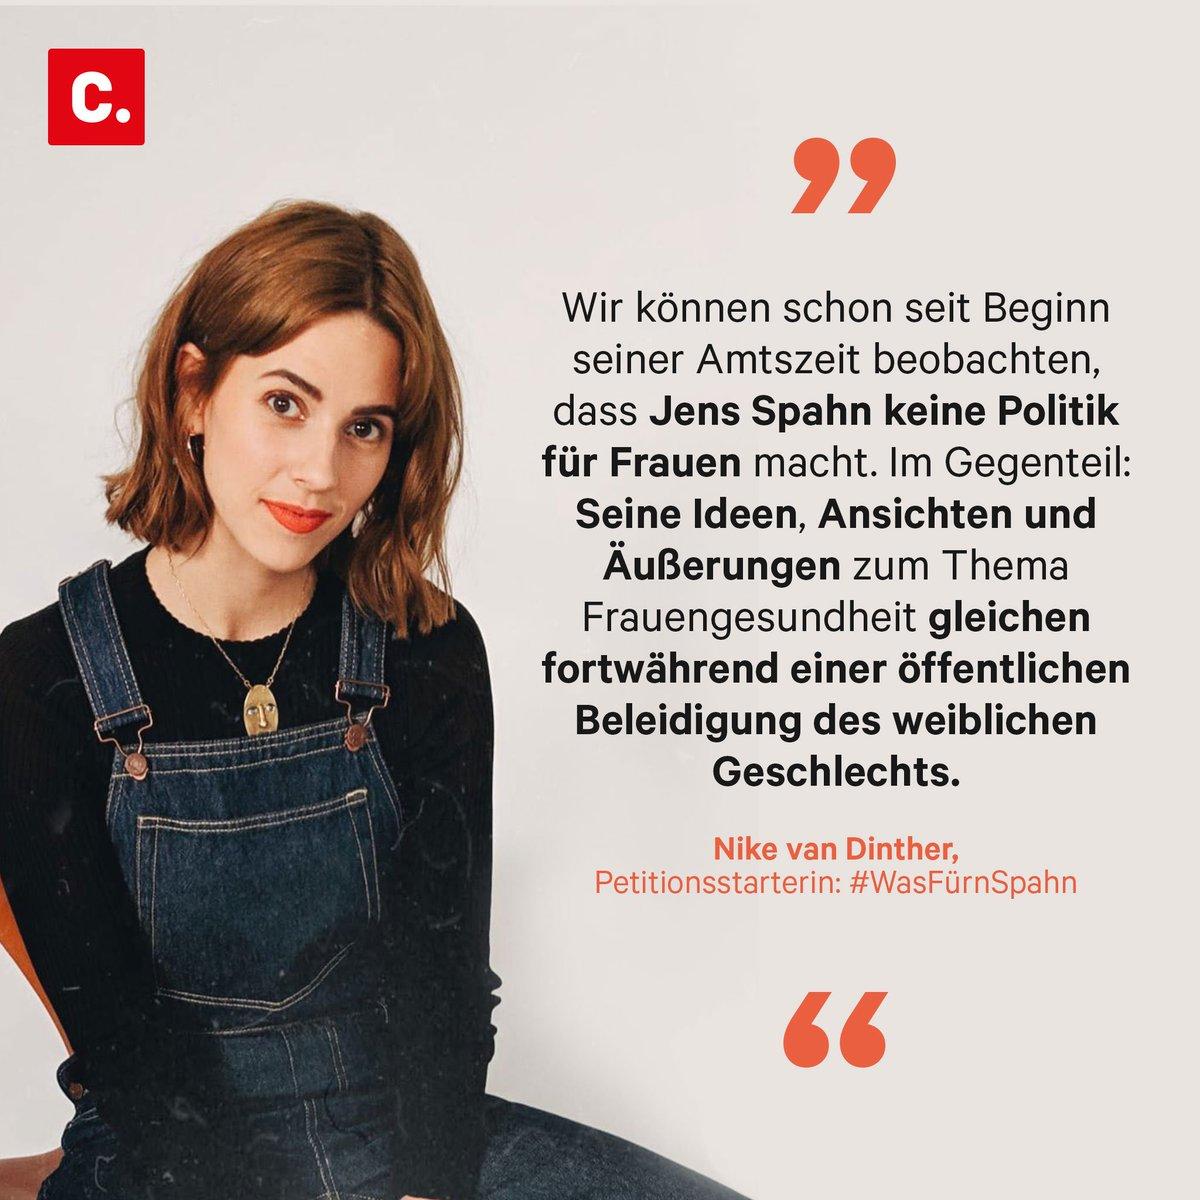 """Bloggerin Nike protestiert gg. #219a, auch gegen @jensspahn s """"Abtreibungsstudie"""". Auch wenn der Bundestag für den umstrittenen Kompromiss gestimmt hat, will sie weiter gegen die Studie kämpfen: """"Herr #Spahn, 5 Millionen Euro für Hilfe statt Hass!""""  #WegMit219 #WasFuernSpahn"""